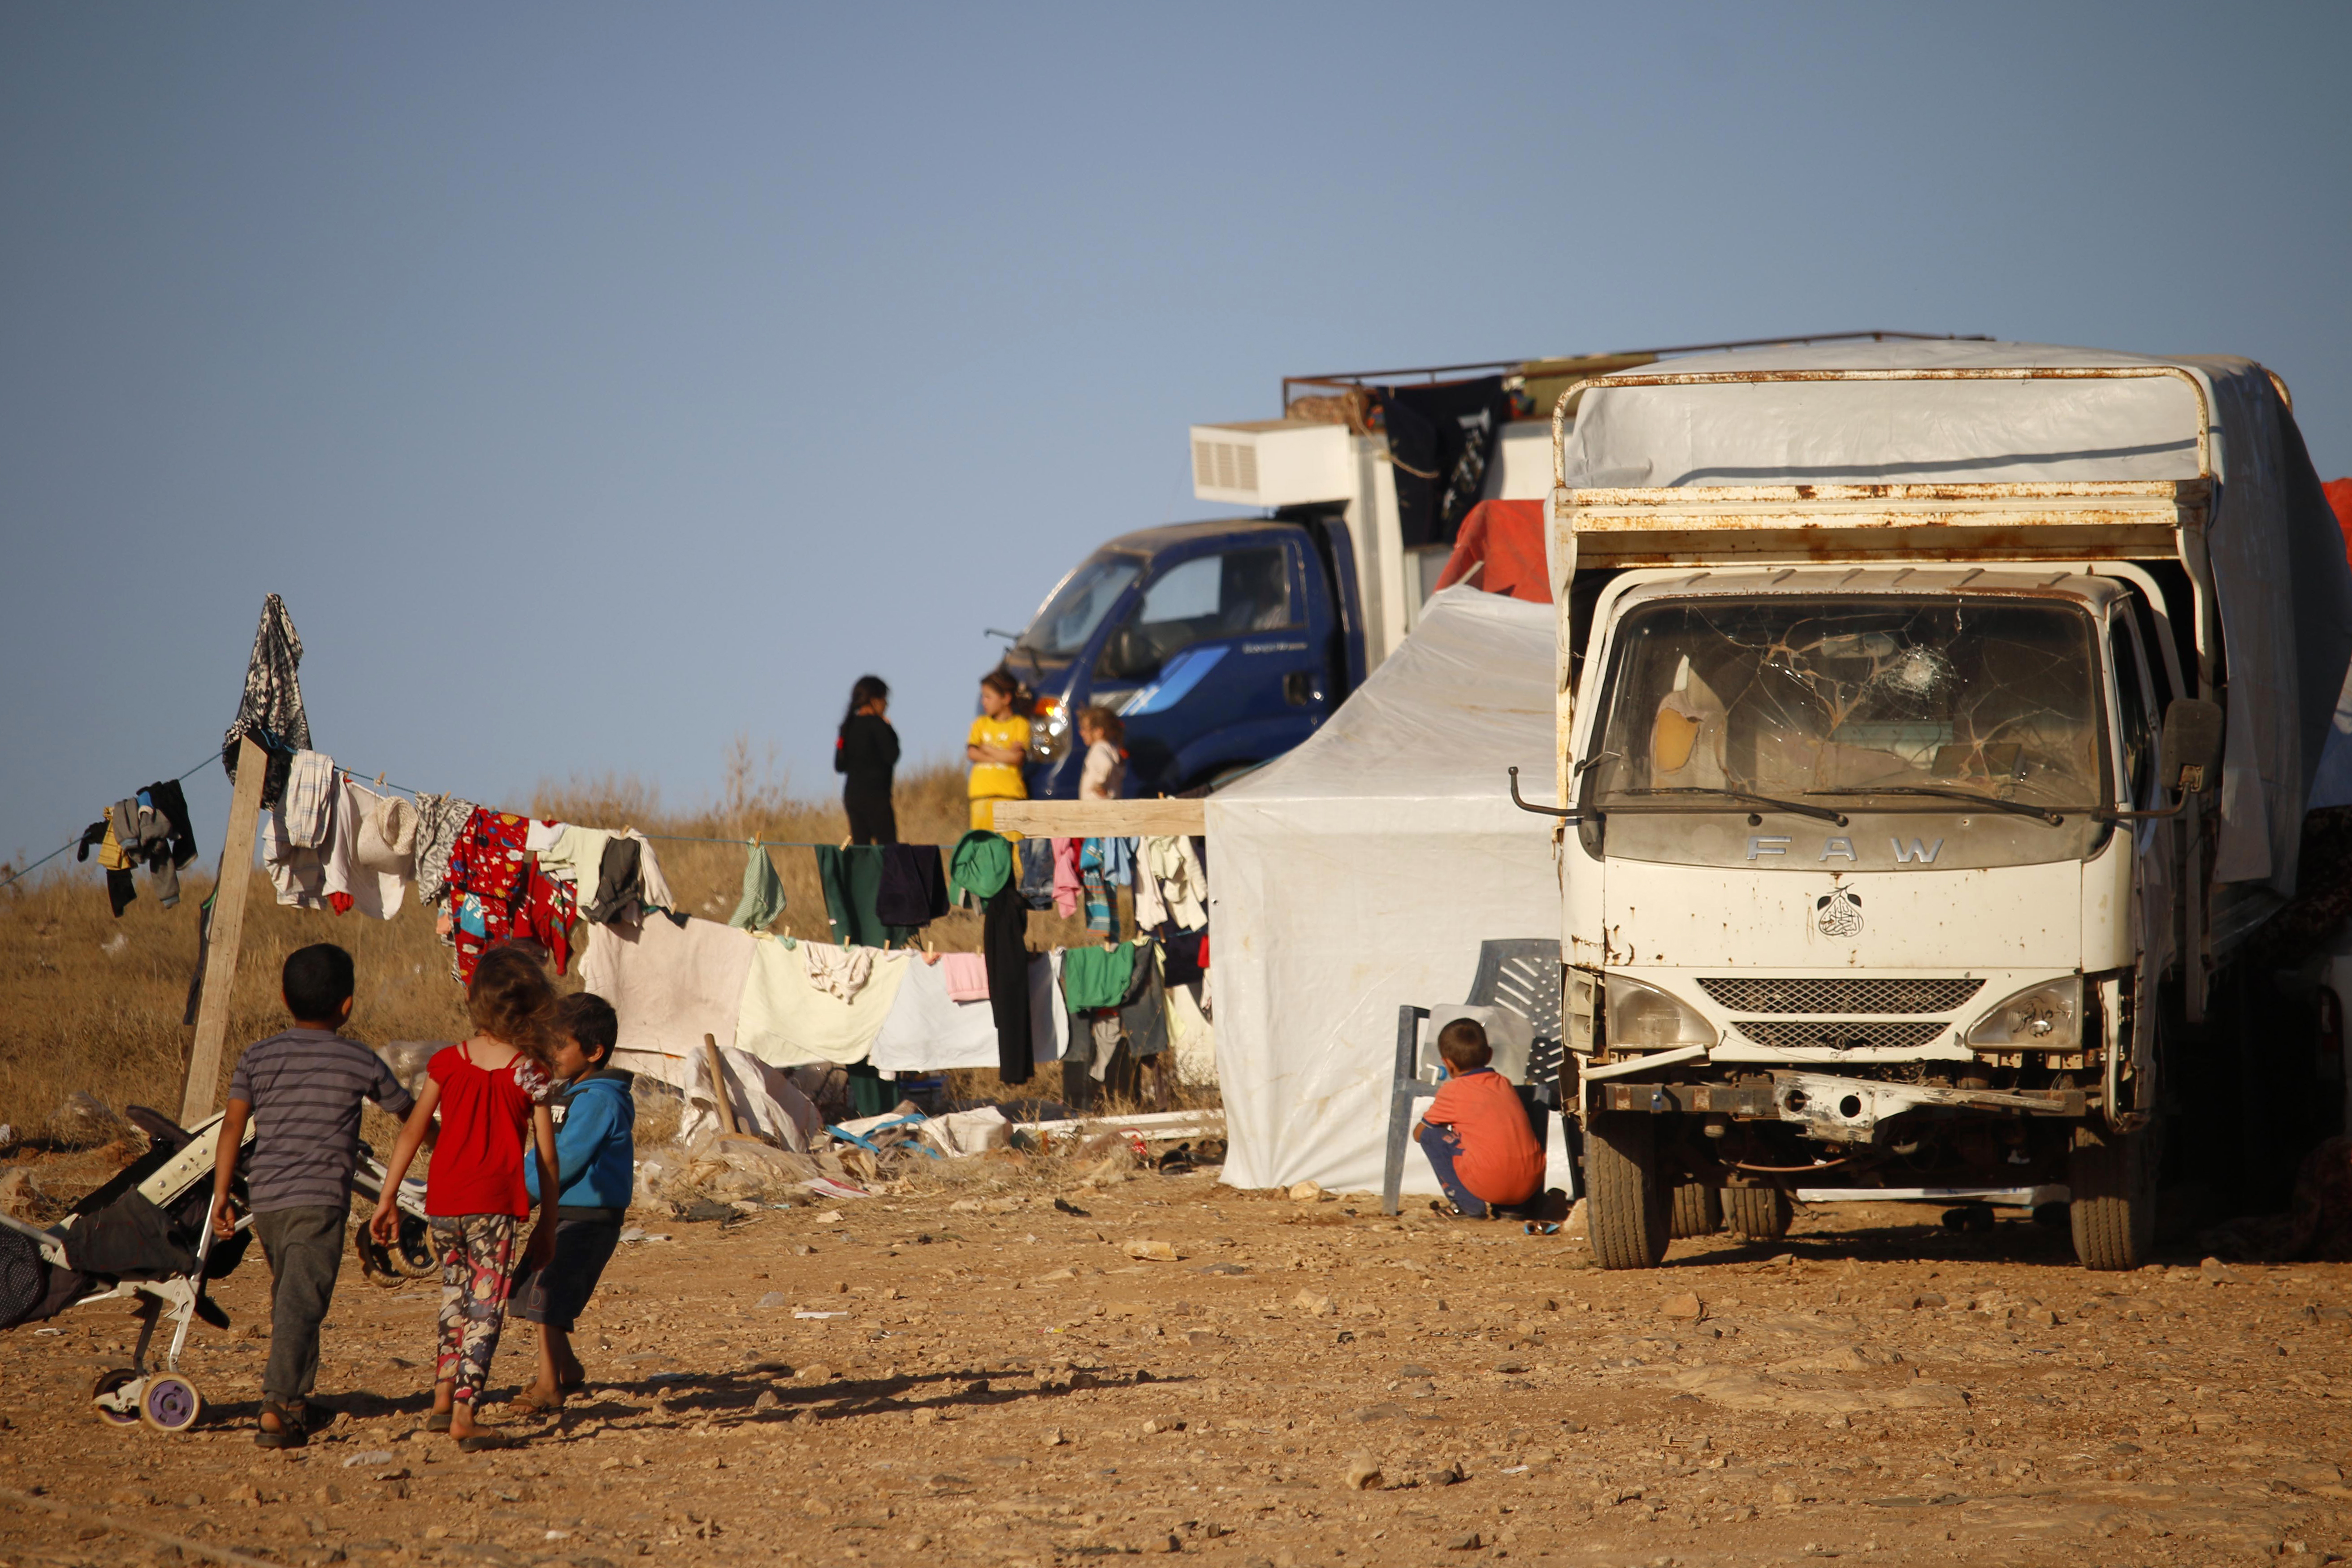 نازحون من درعا قرب الحدود الأردنية